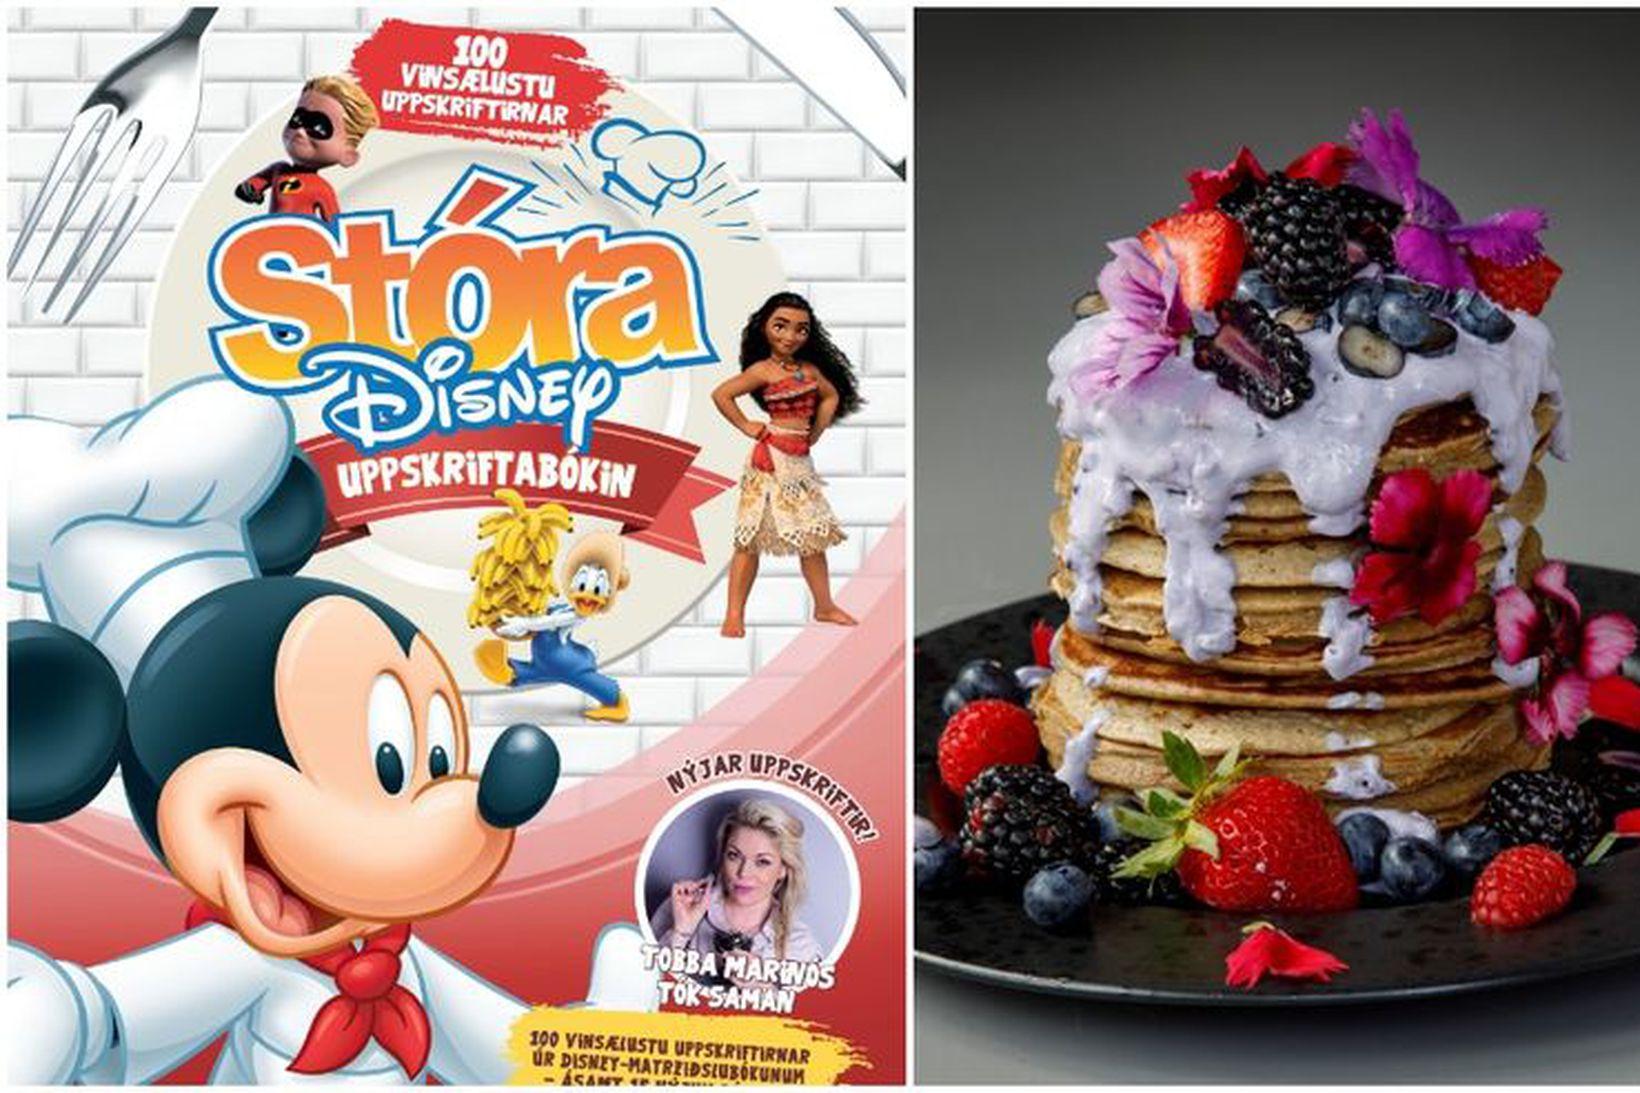 Stóra Disney-uppskriftabókin hefur slegið í gegn enda eiga Mikki og …